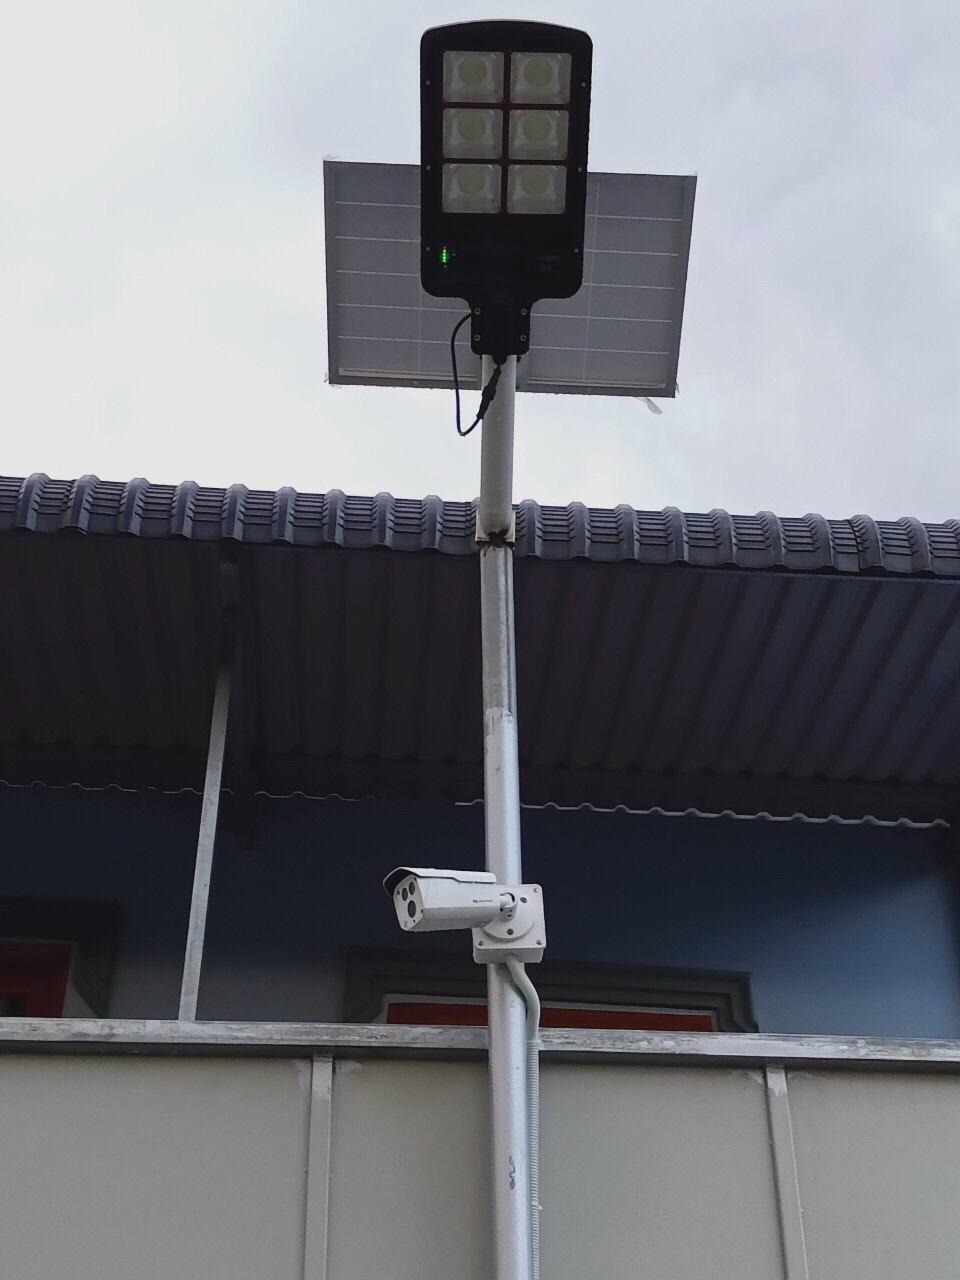 Hệ thống camera và đèn năng lượng mặt trời tại Khu công nghiệp Nam Tân Uyên